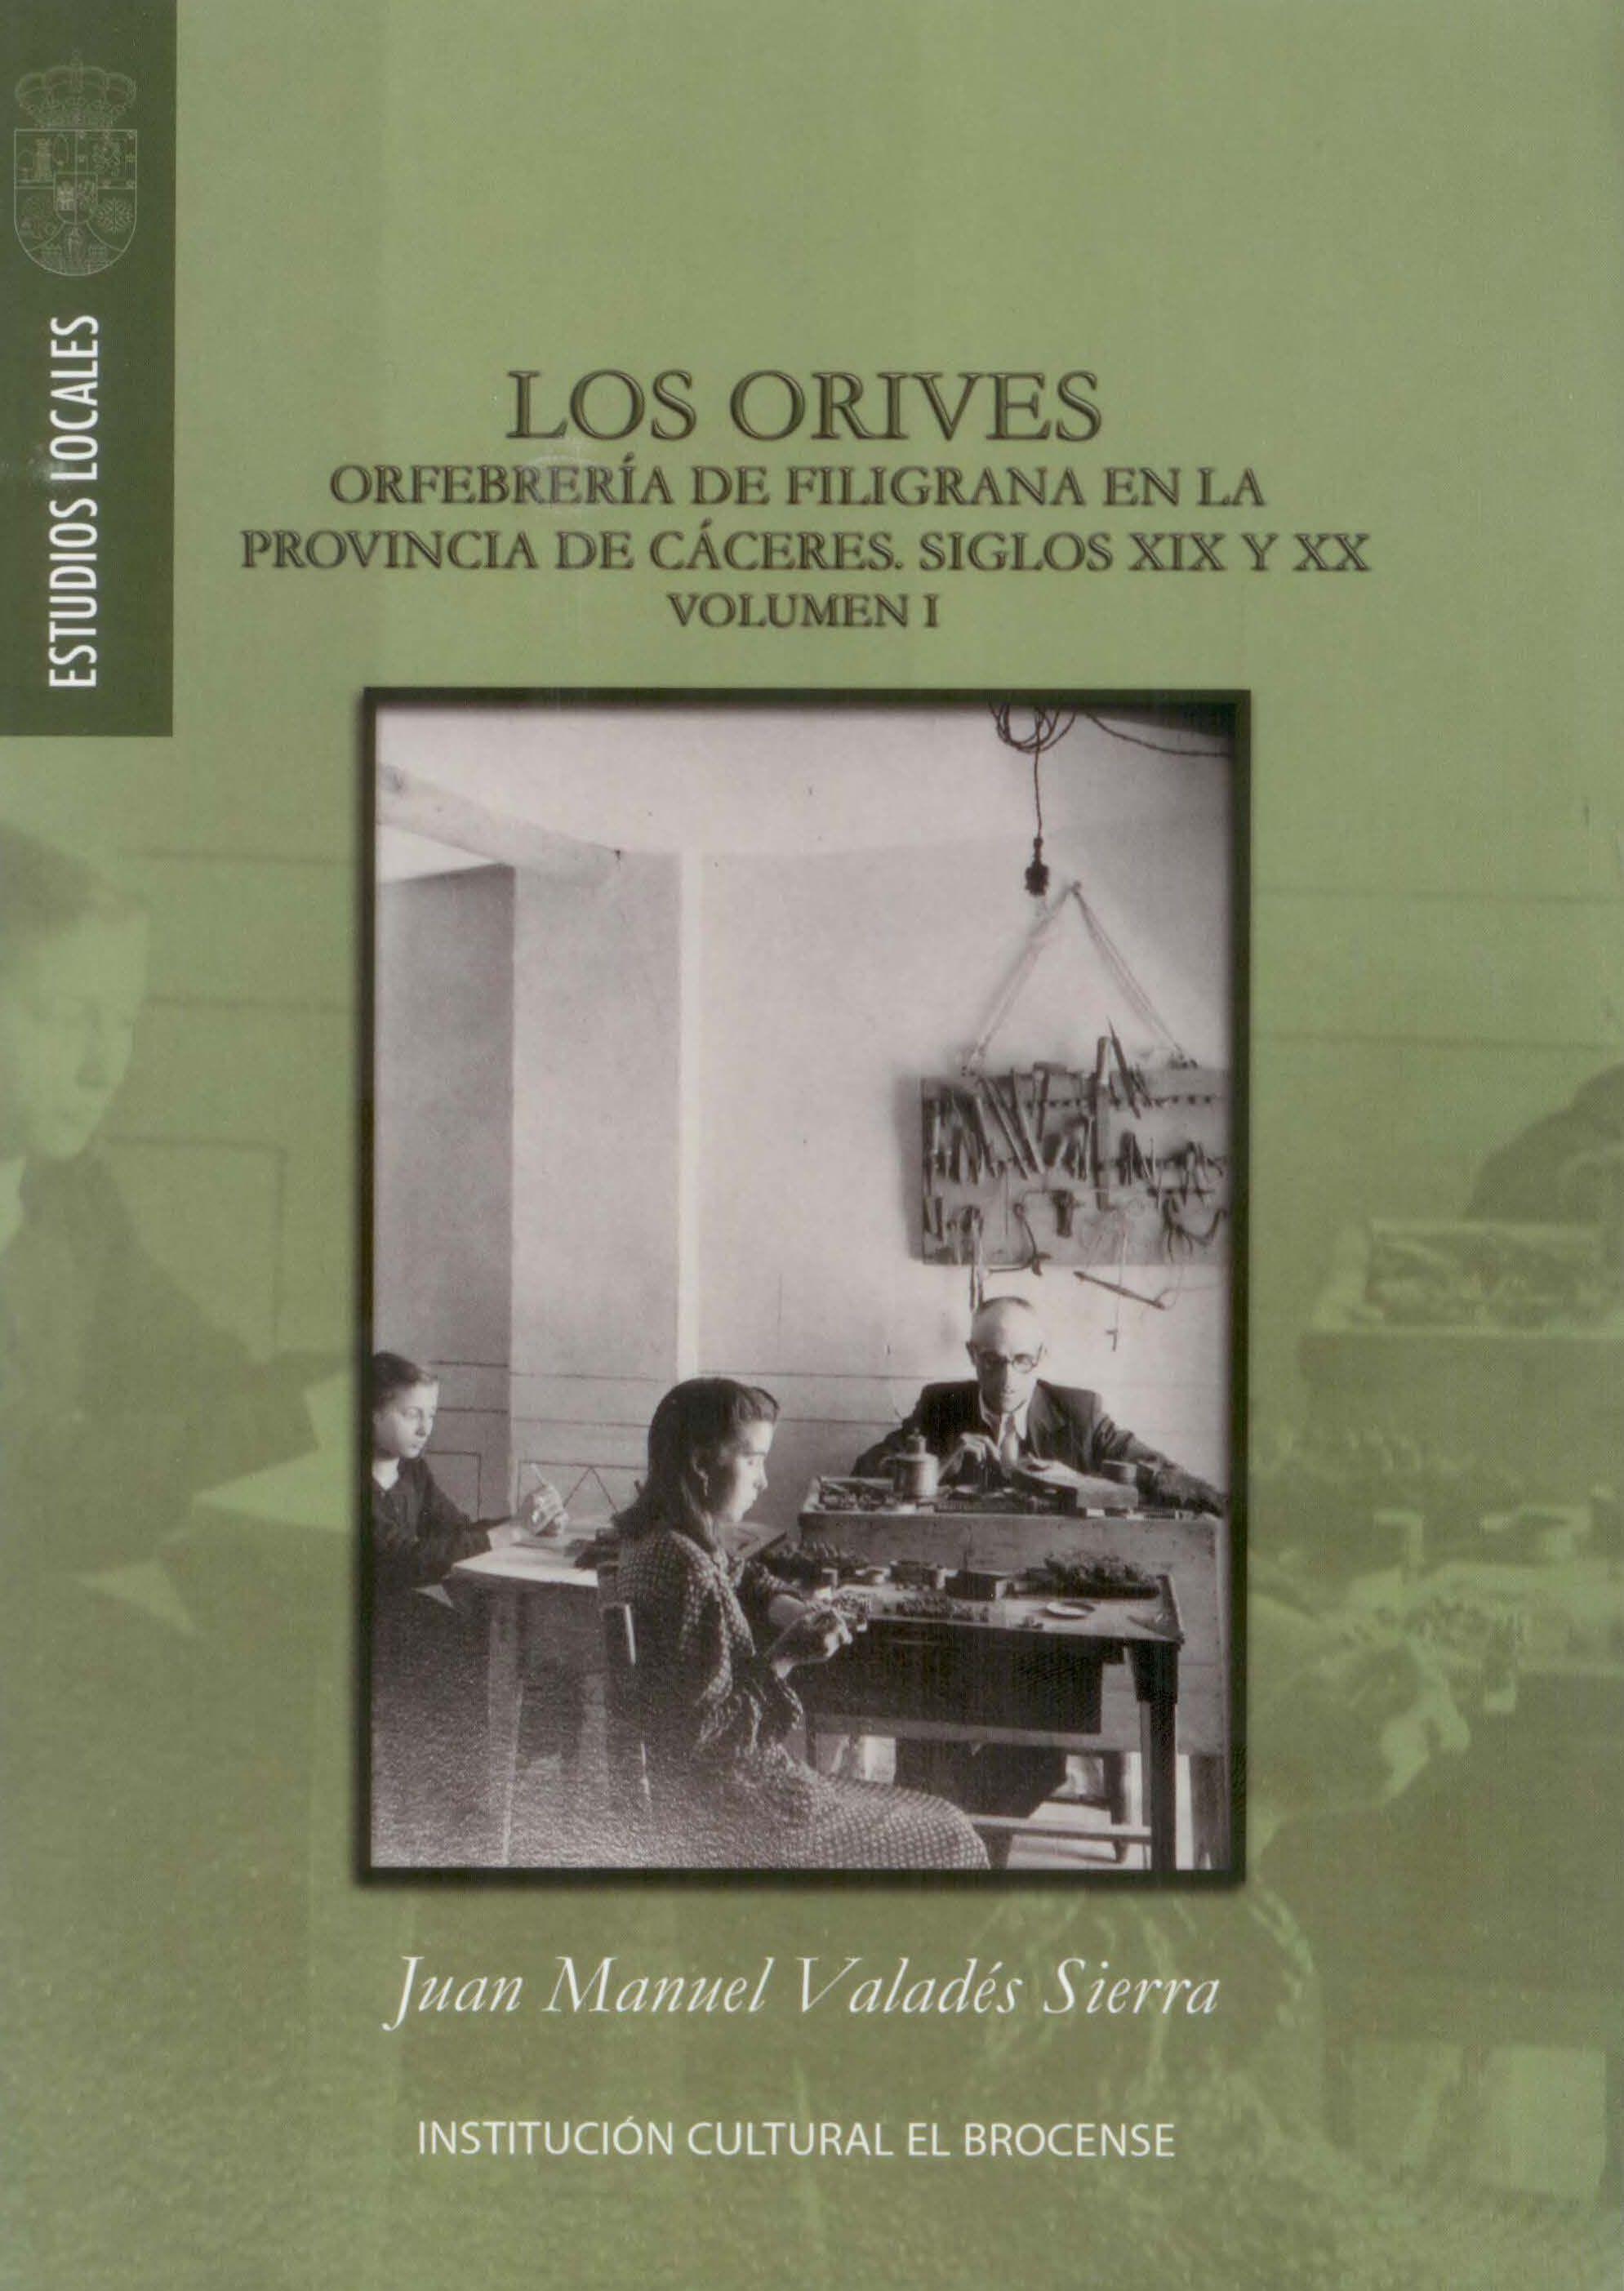 Imagen de portada del libro Los orives. Orfebrería de filigrana en la provincia de Cáceres.